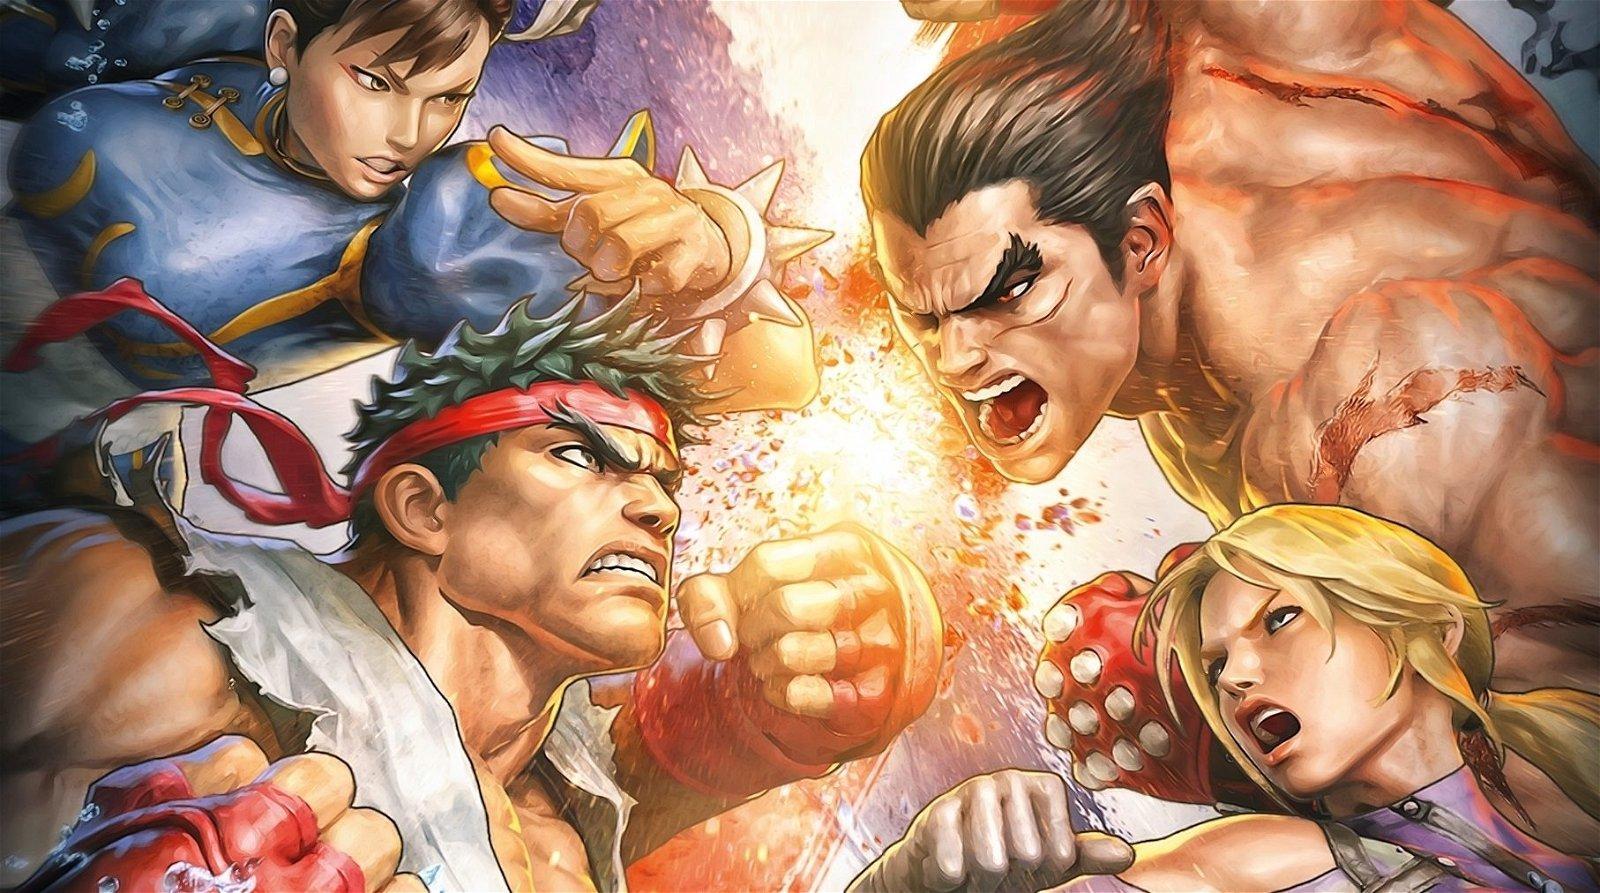 Tekken X Street Fighter Is Not Dead Confirms Katsuhiro Harada